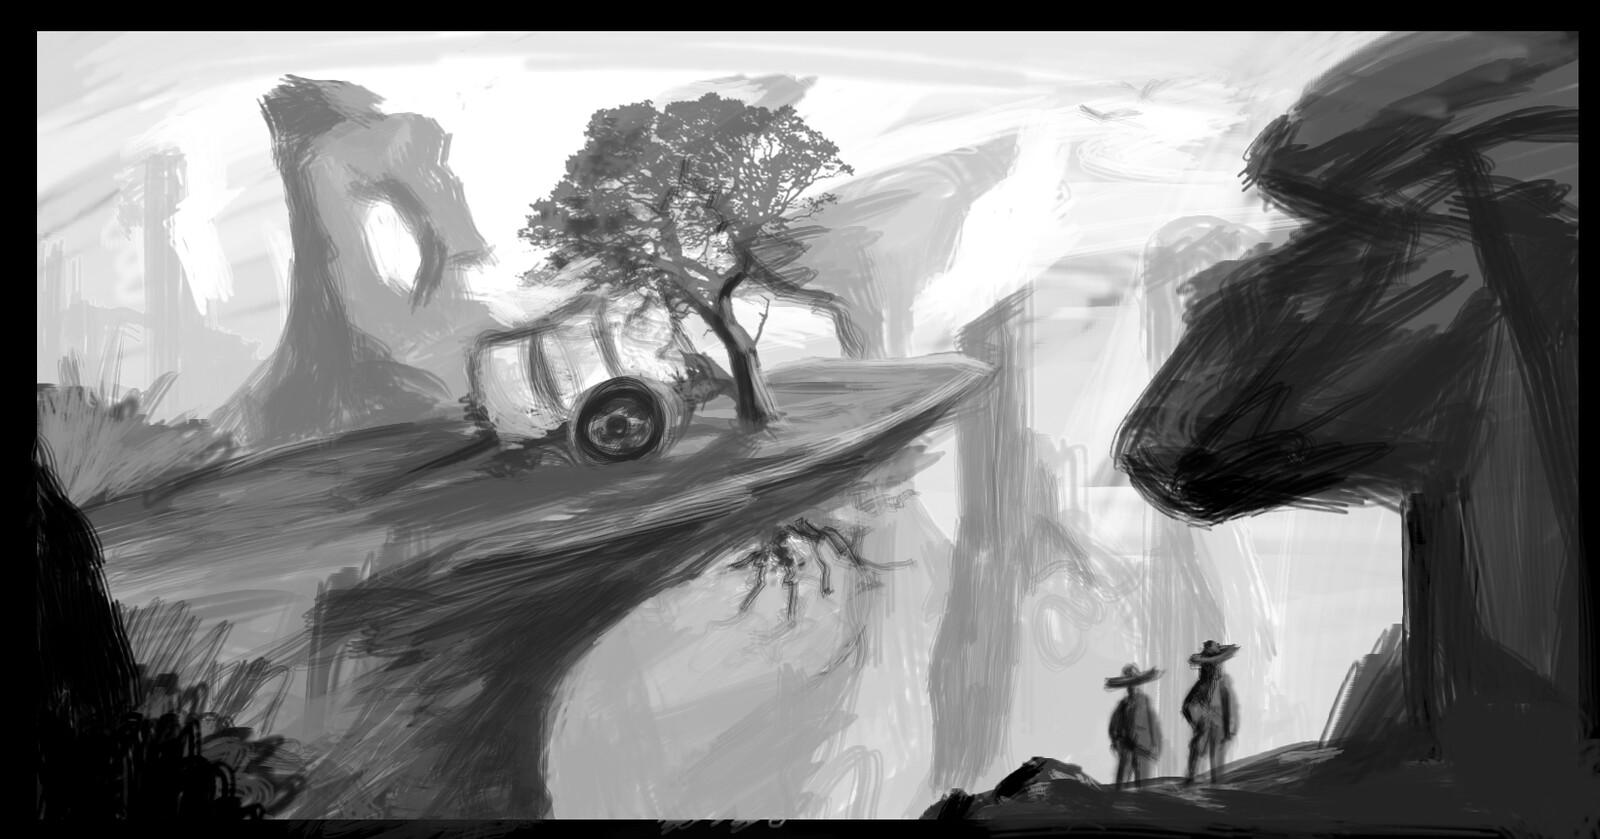 skt Wild West Tree